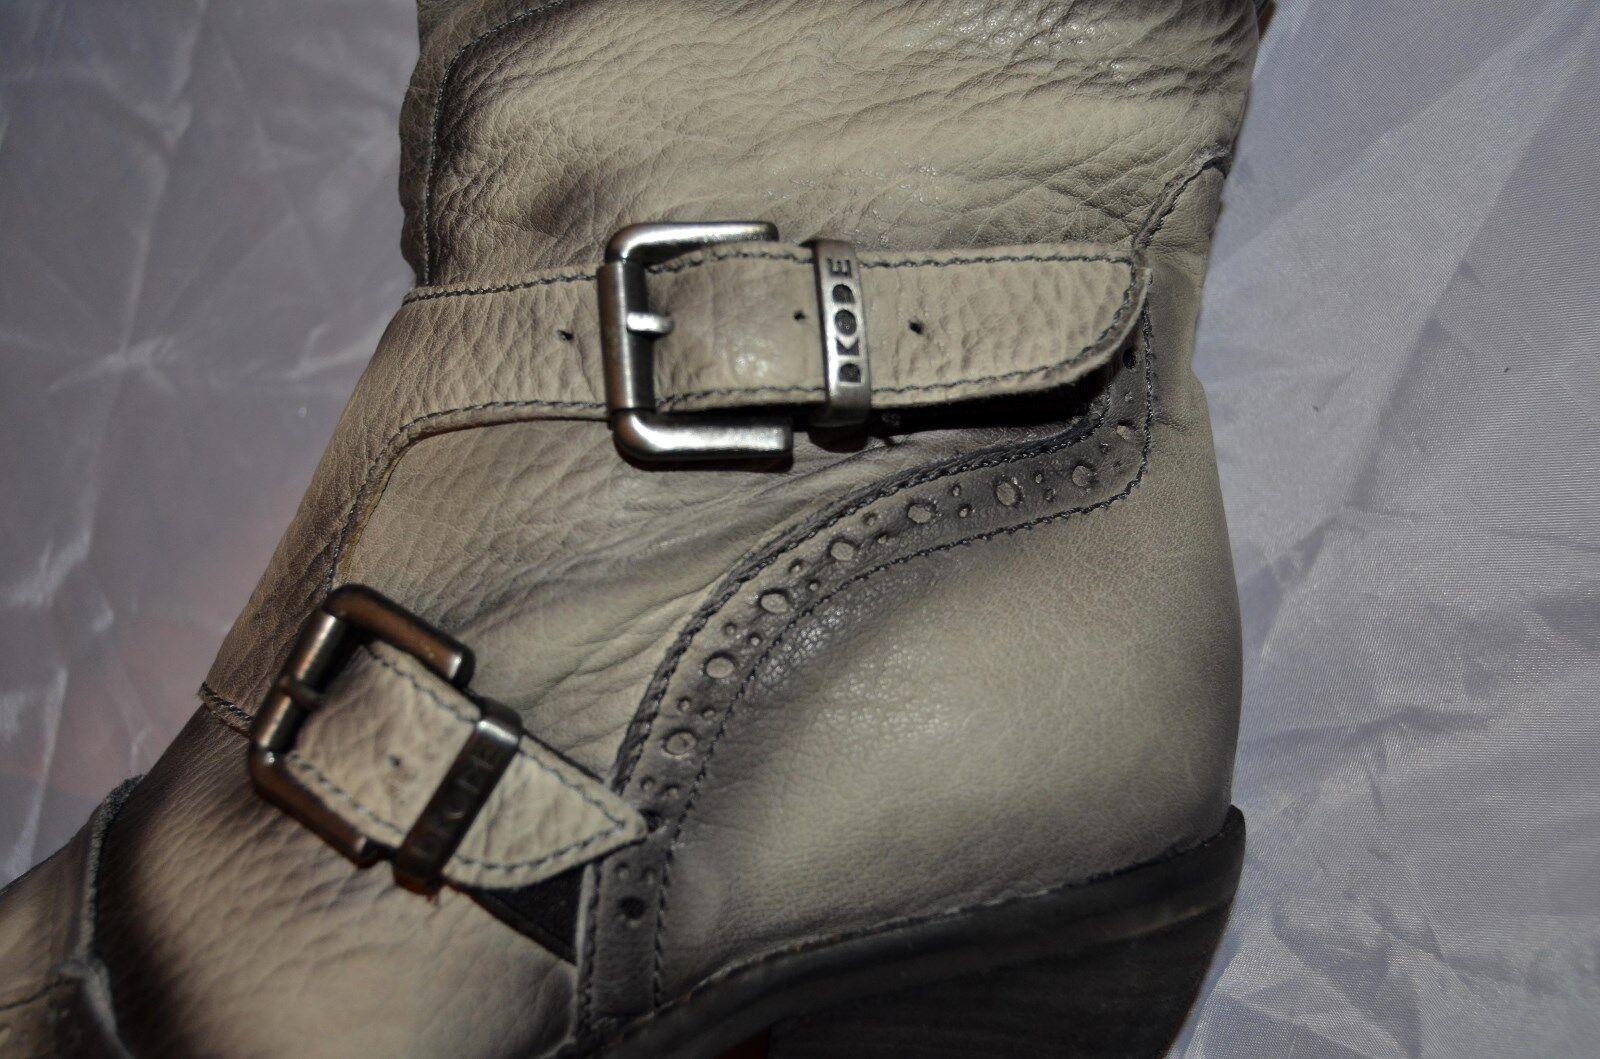 DKODE botas aerógrafo aerógrafo aerógrafo óptica hebillas Western look nuevo cuero 239, ms247 533dda